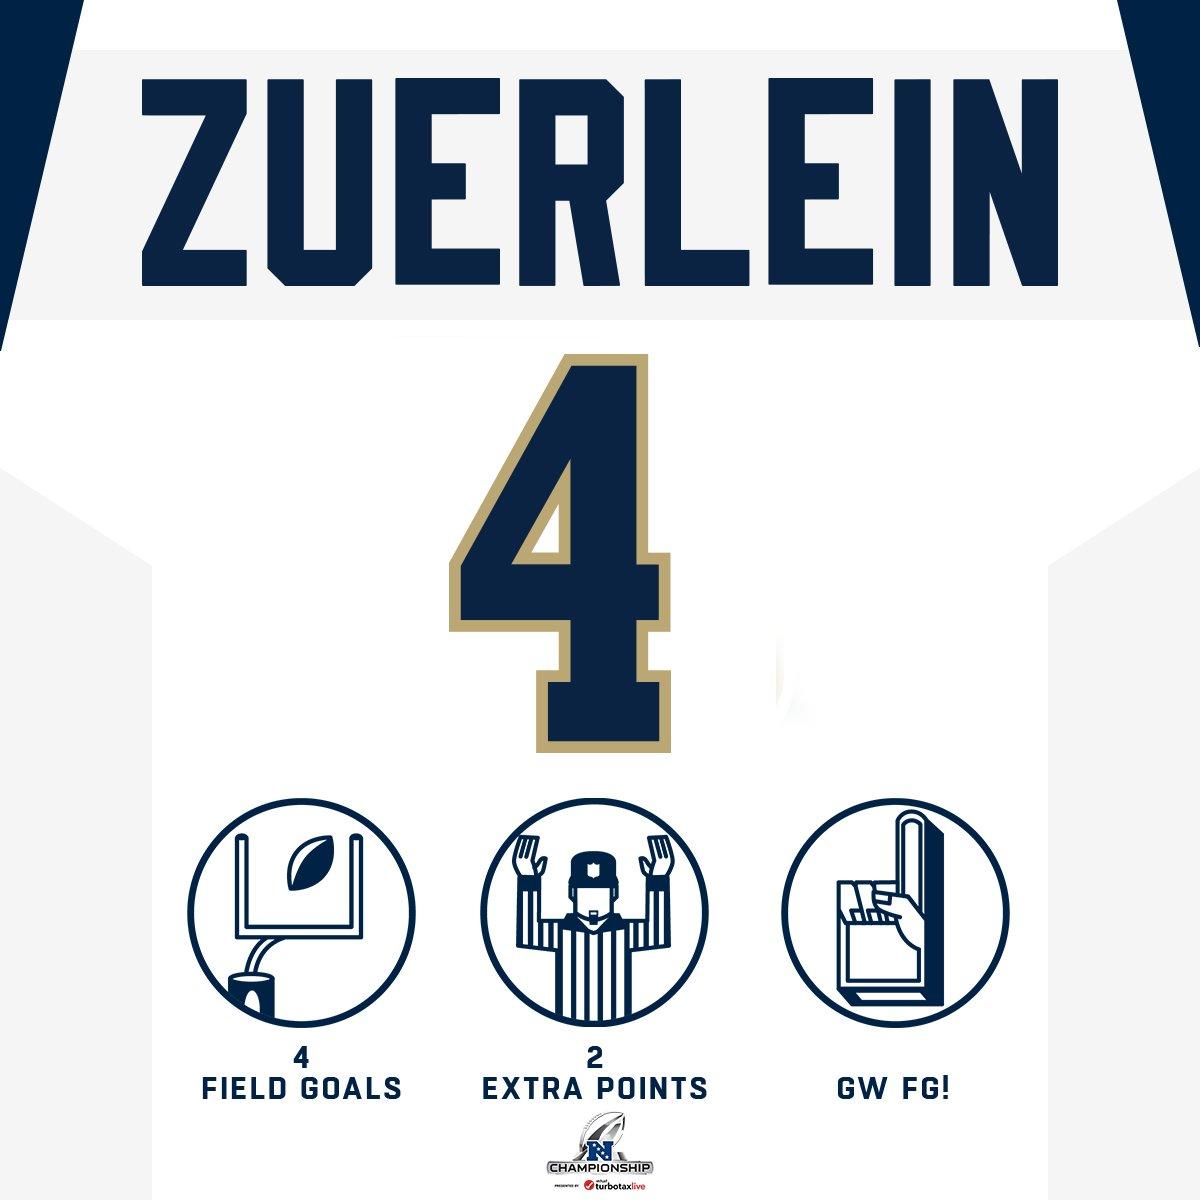 Send your team to the @SuperBowl.  #HaveADay, Greg Zuerlein. #NFLPlayoffs #LARams  (by @turbotax)